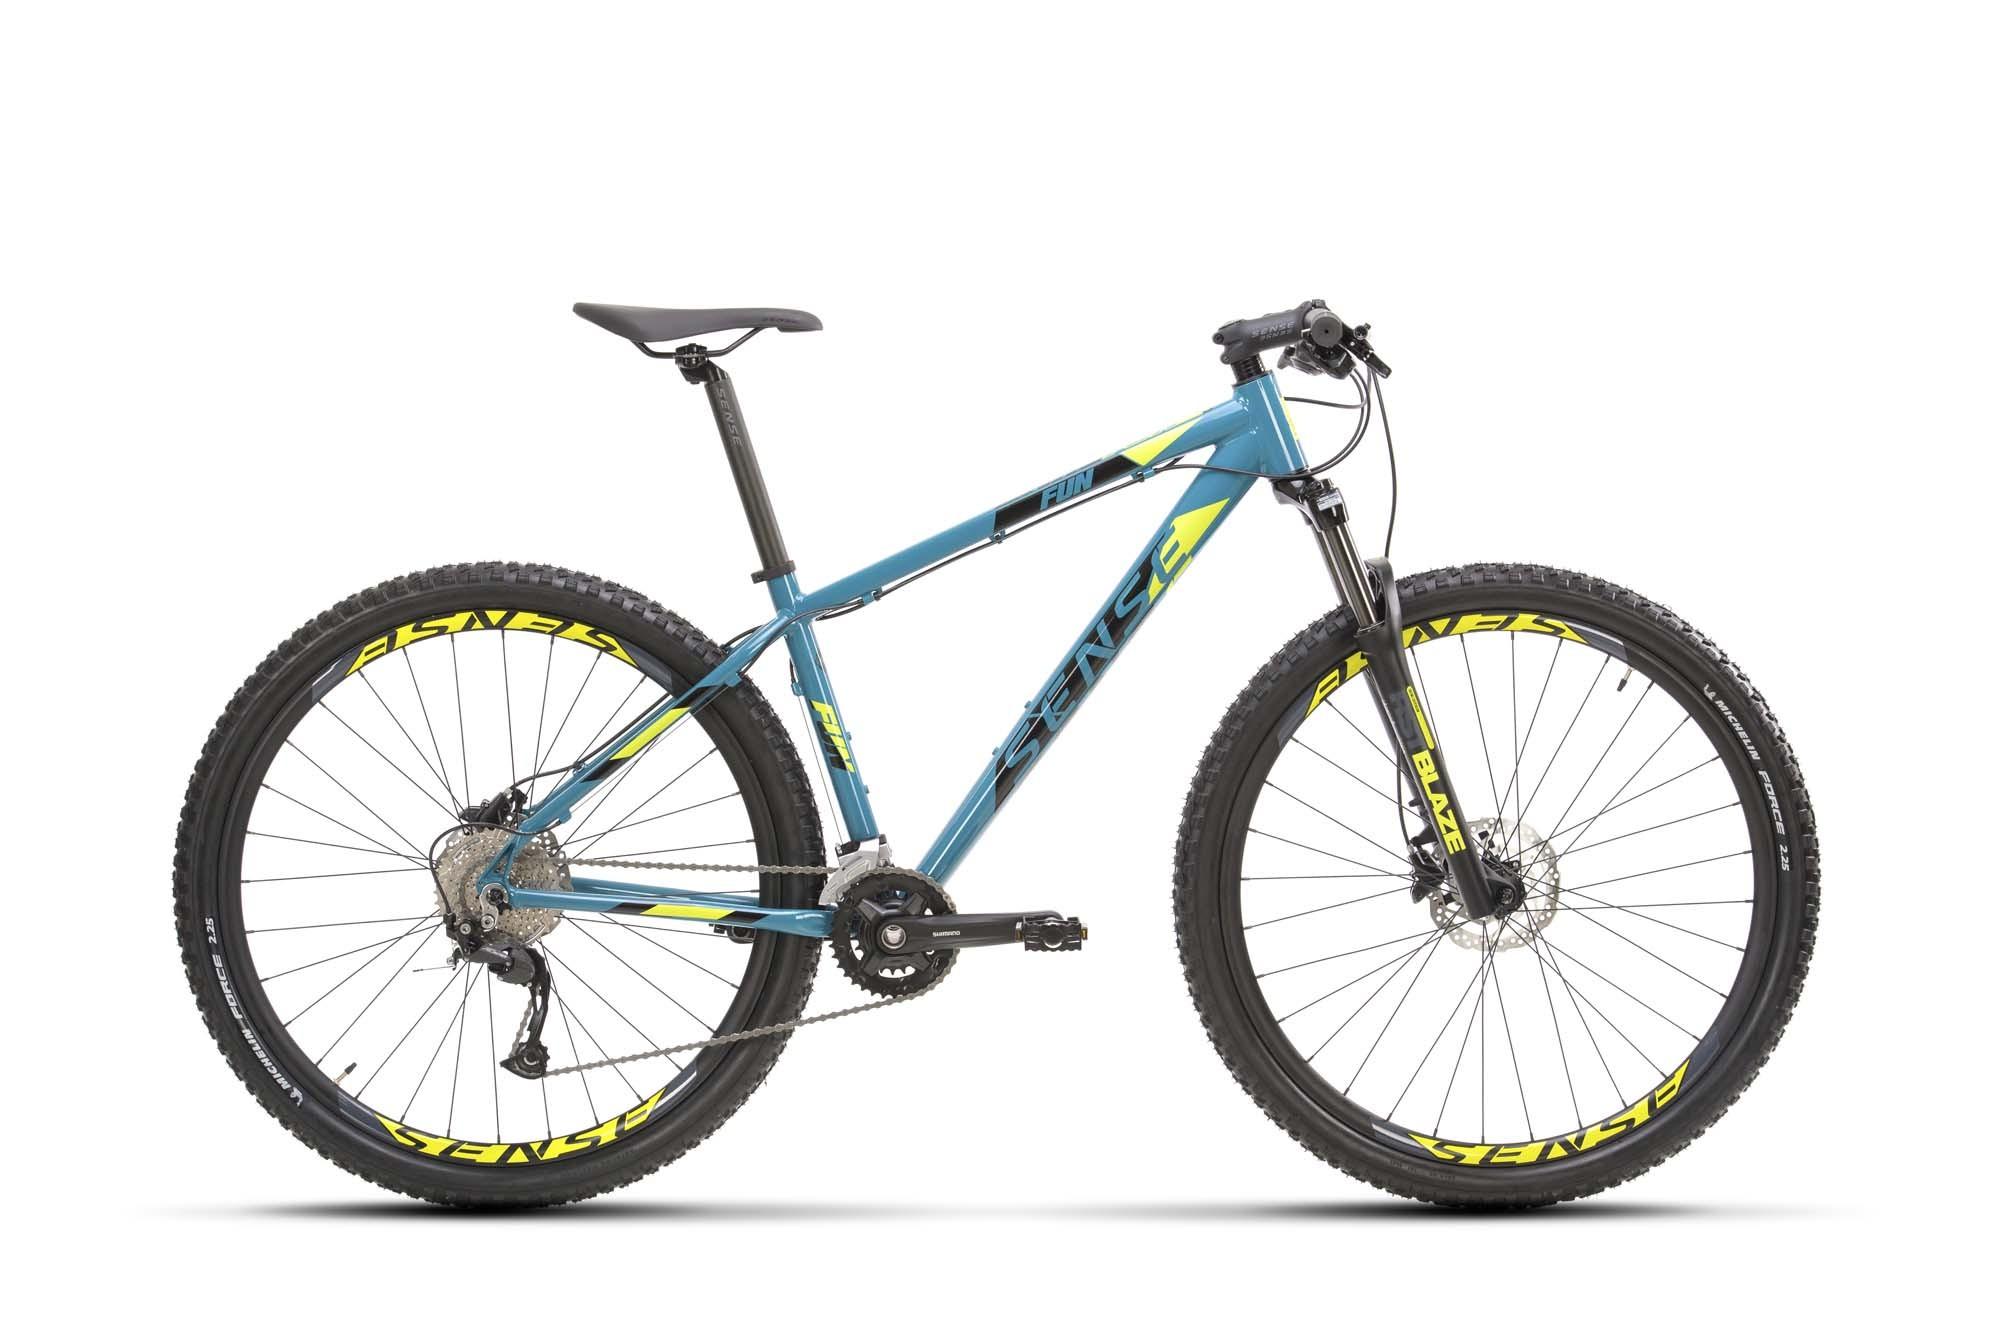 Bicicleta SENSE Fun Evo 2021 - 18v Shimano Alivio - Freio Hidráulico - Suspensão RST Blaze com trava no Ombro